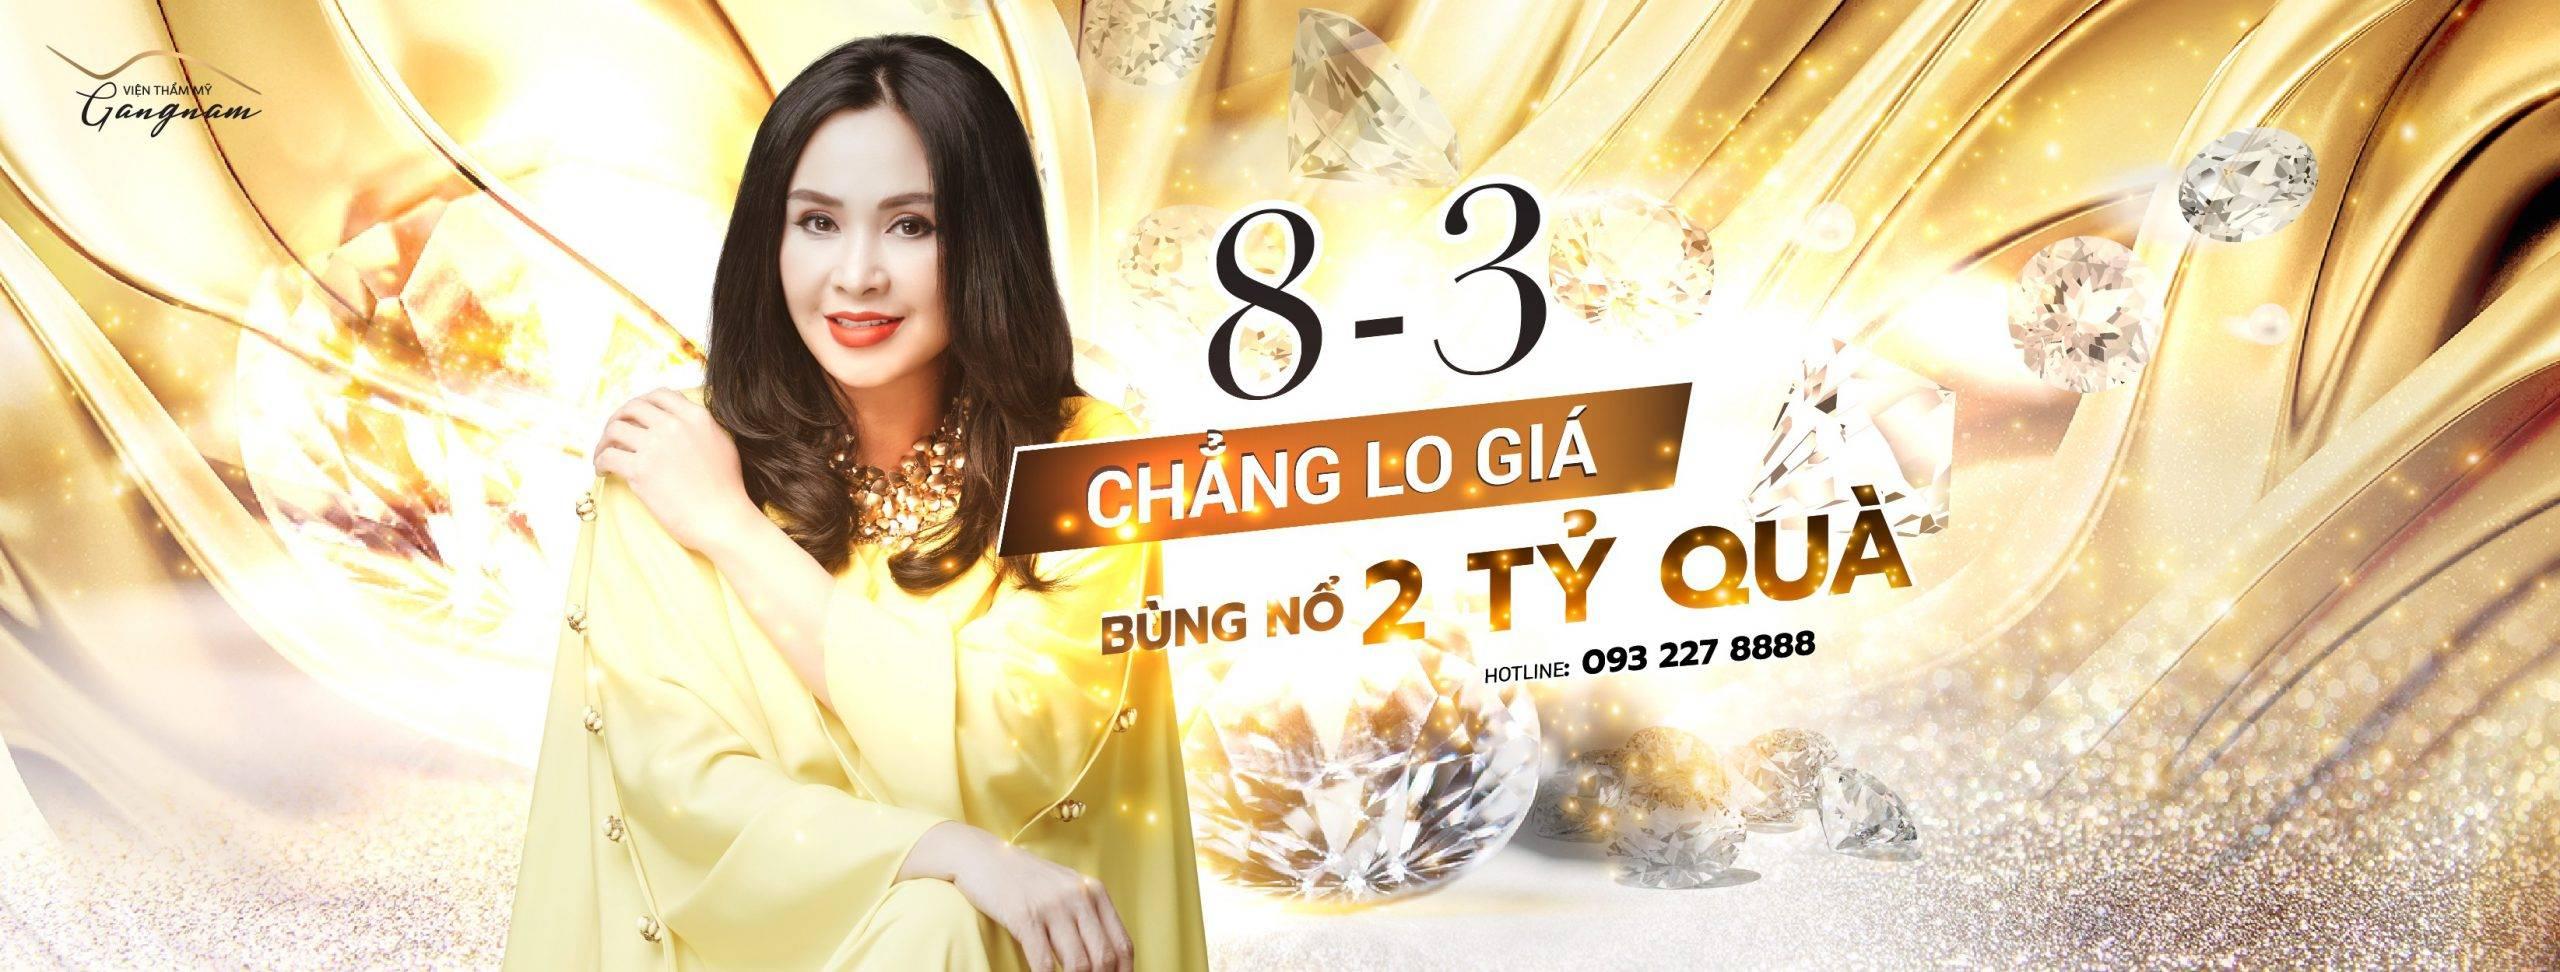 Ưu đãi tháng 3 – Chẳng lo về giá tại Thẩm mỹ viện Gangnam